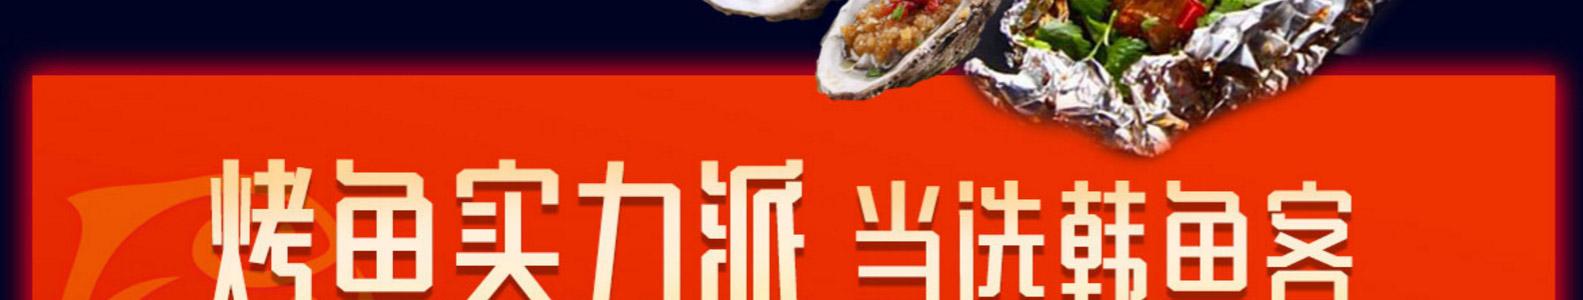 韓魚客烤魚韓魚客烤魚_29